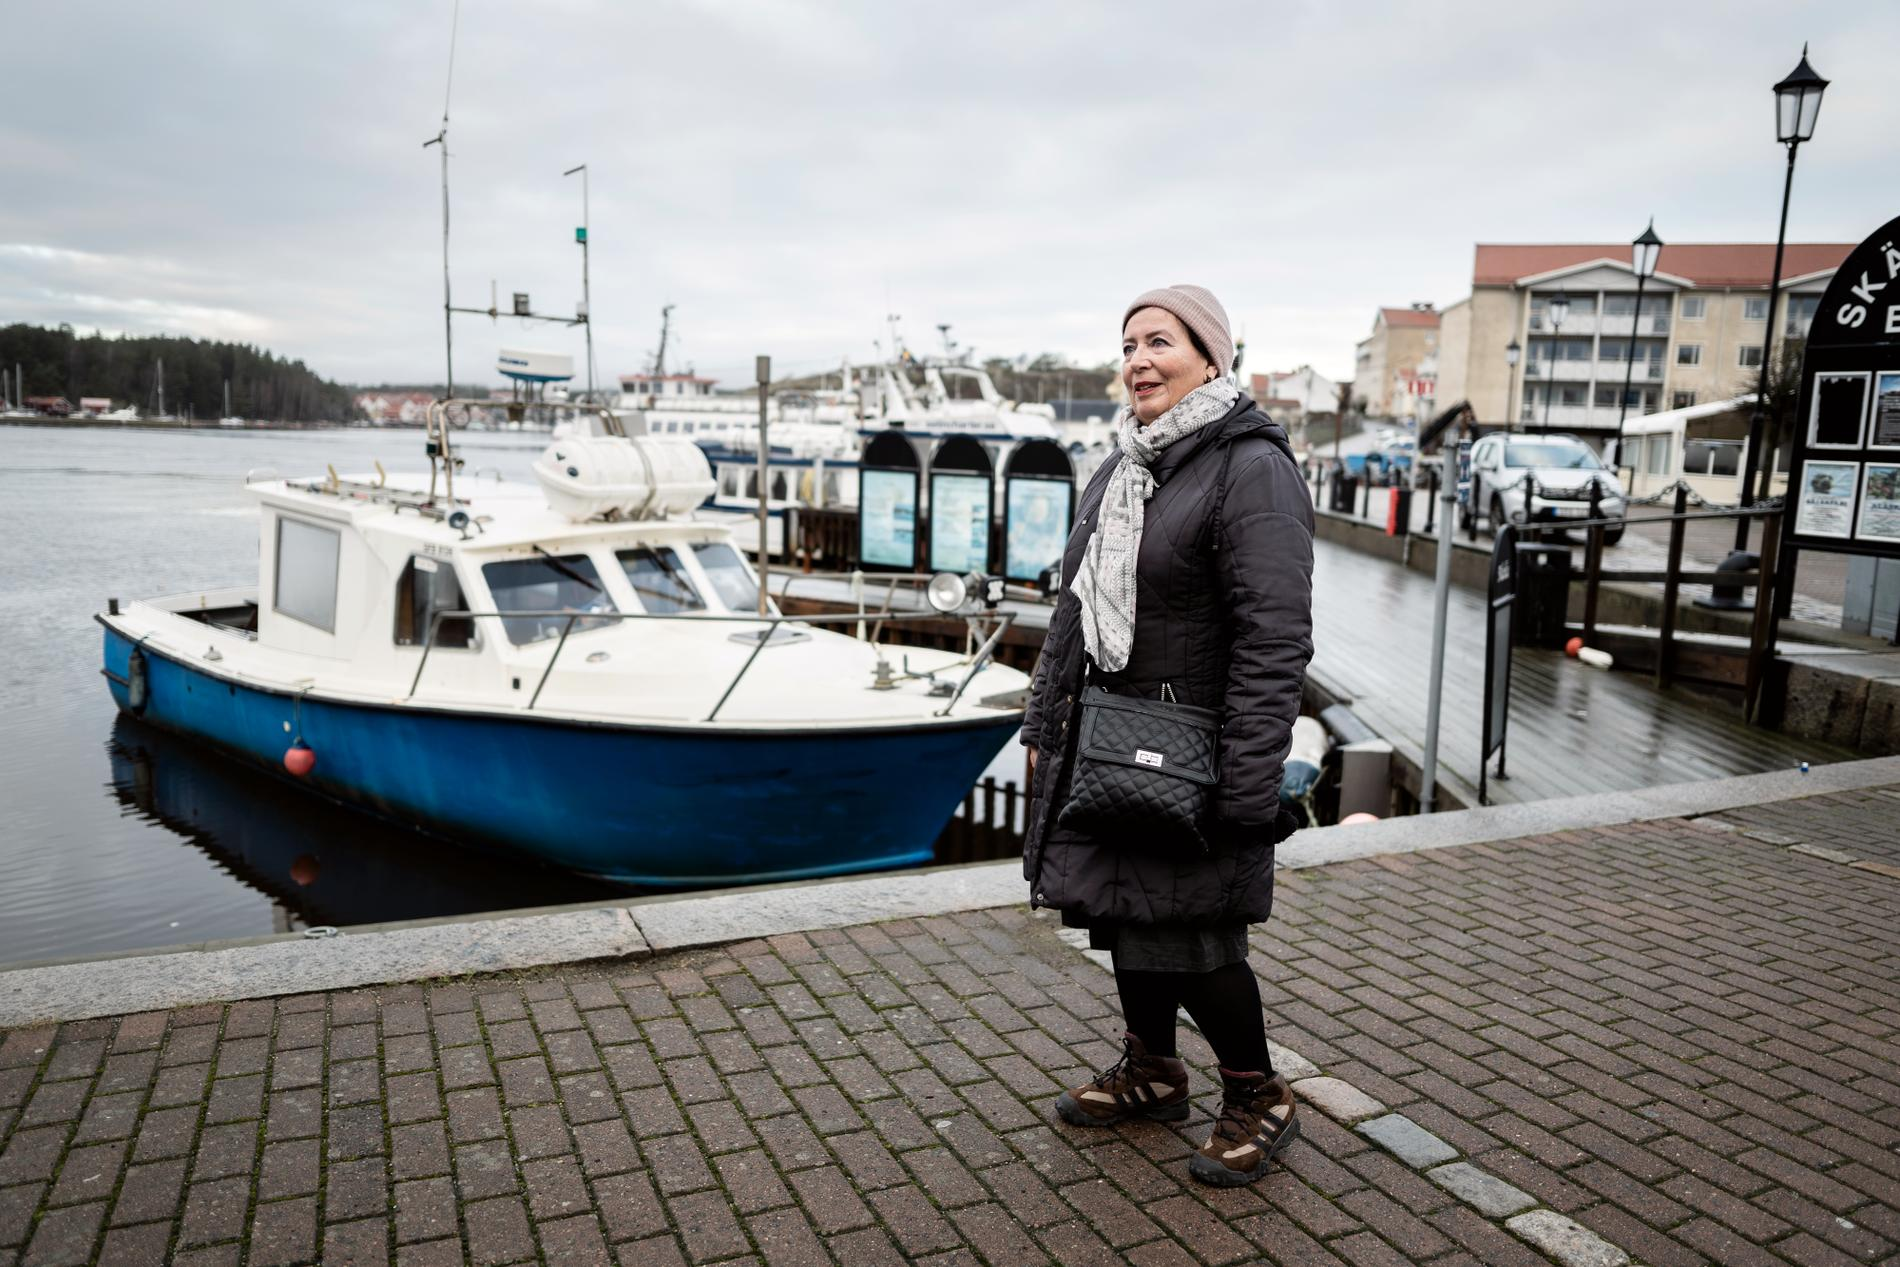 Oddny Lindholm, 72, flyttade till Strömstad från Norge för snart 20 år sedan. Hon hoppas att gränsen öppnar snart så att relationen med Norge kan fortsätta vara så fin som den alltid varit.